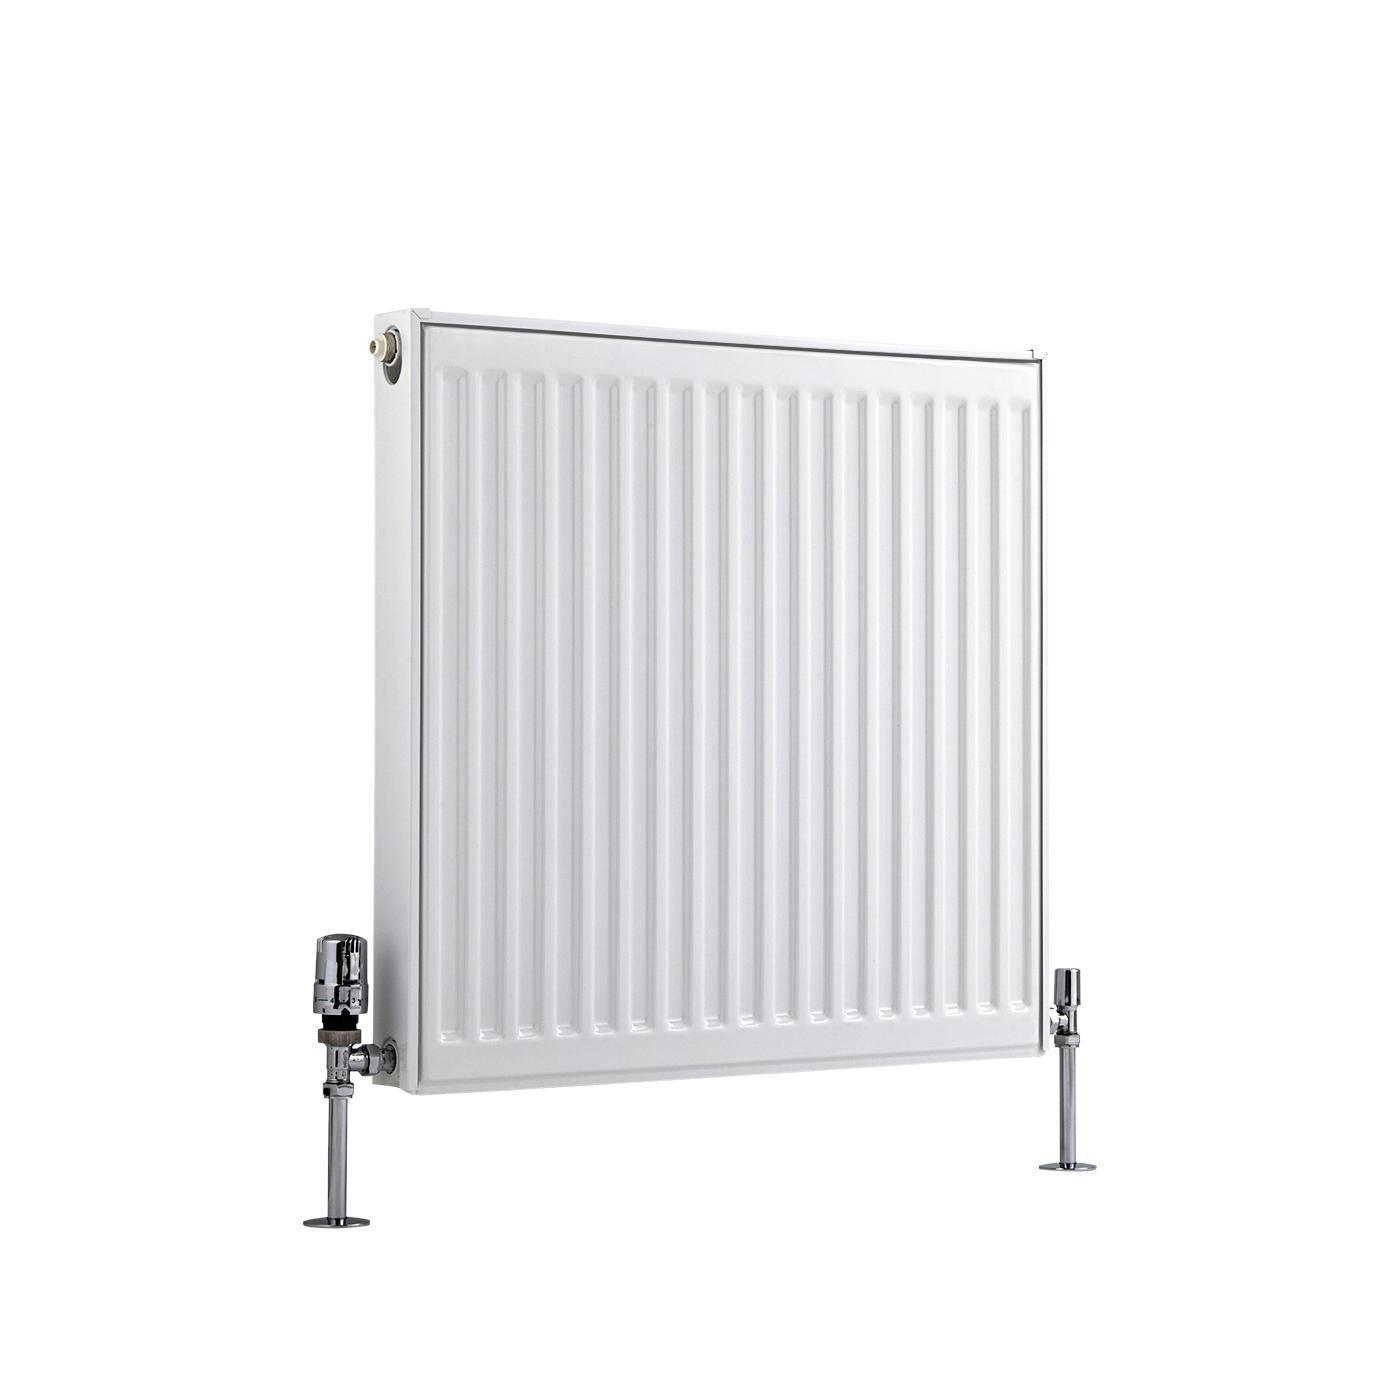 Kompaktheizkörper Horizontal Typ 11 Weiß 600mm x 600mm 555W - Eco